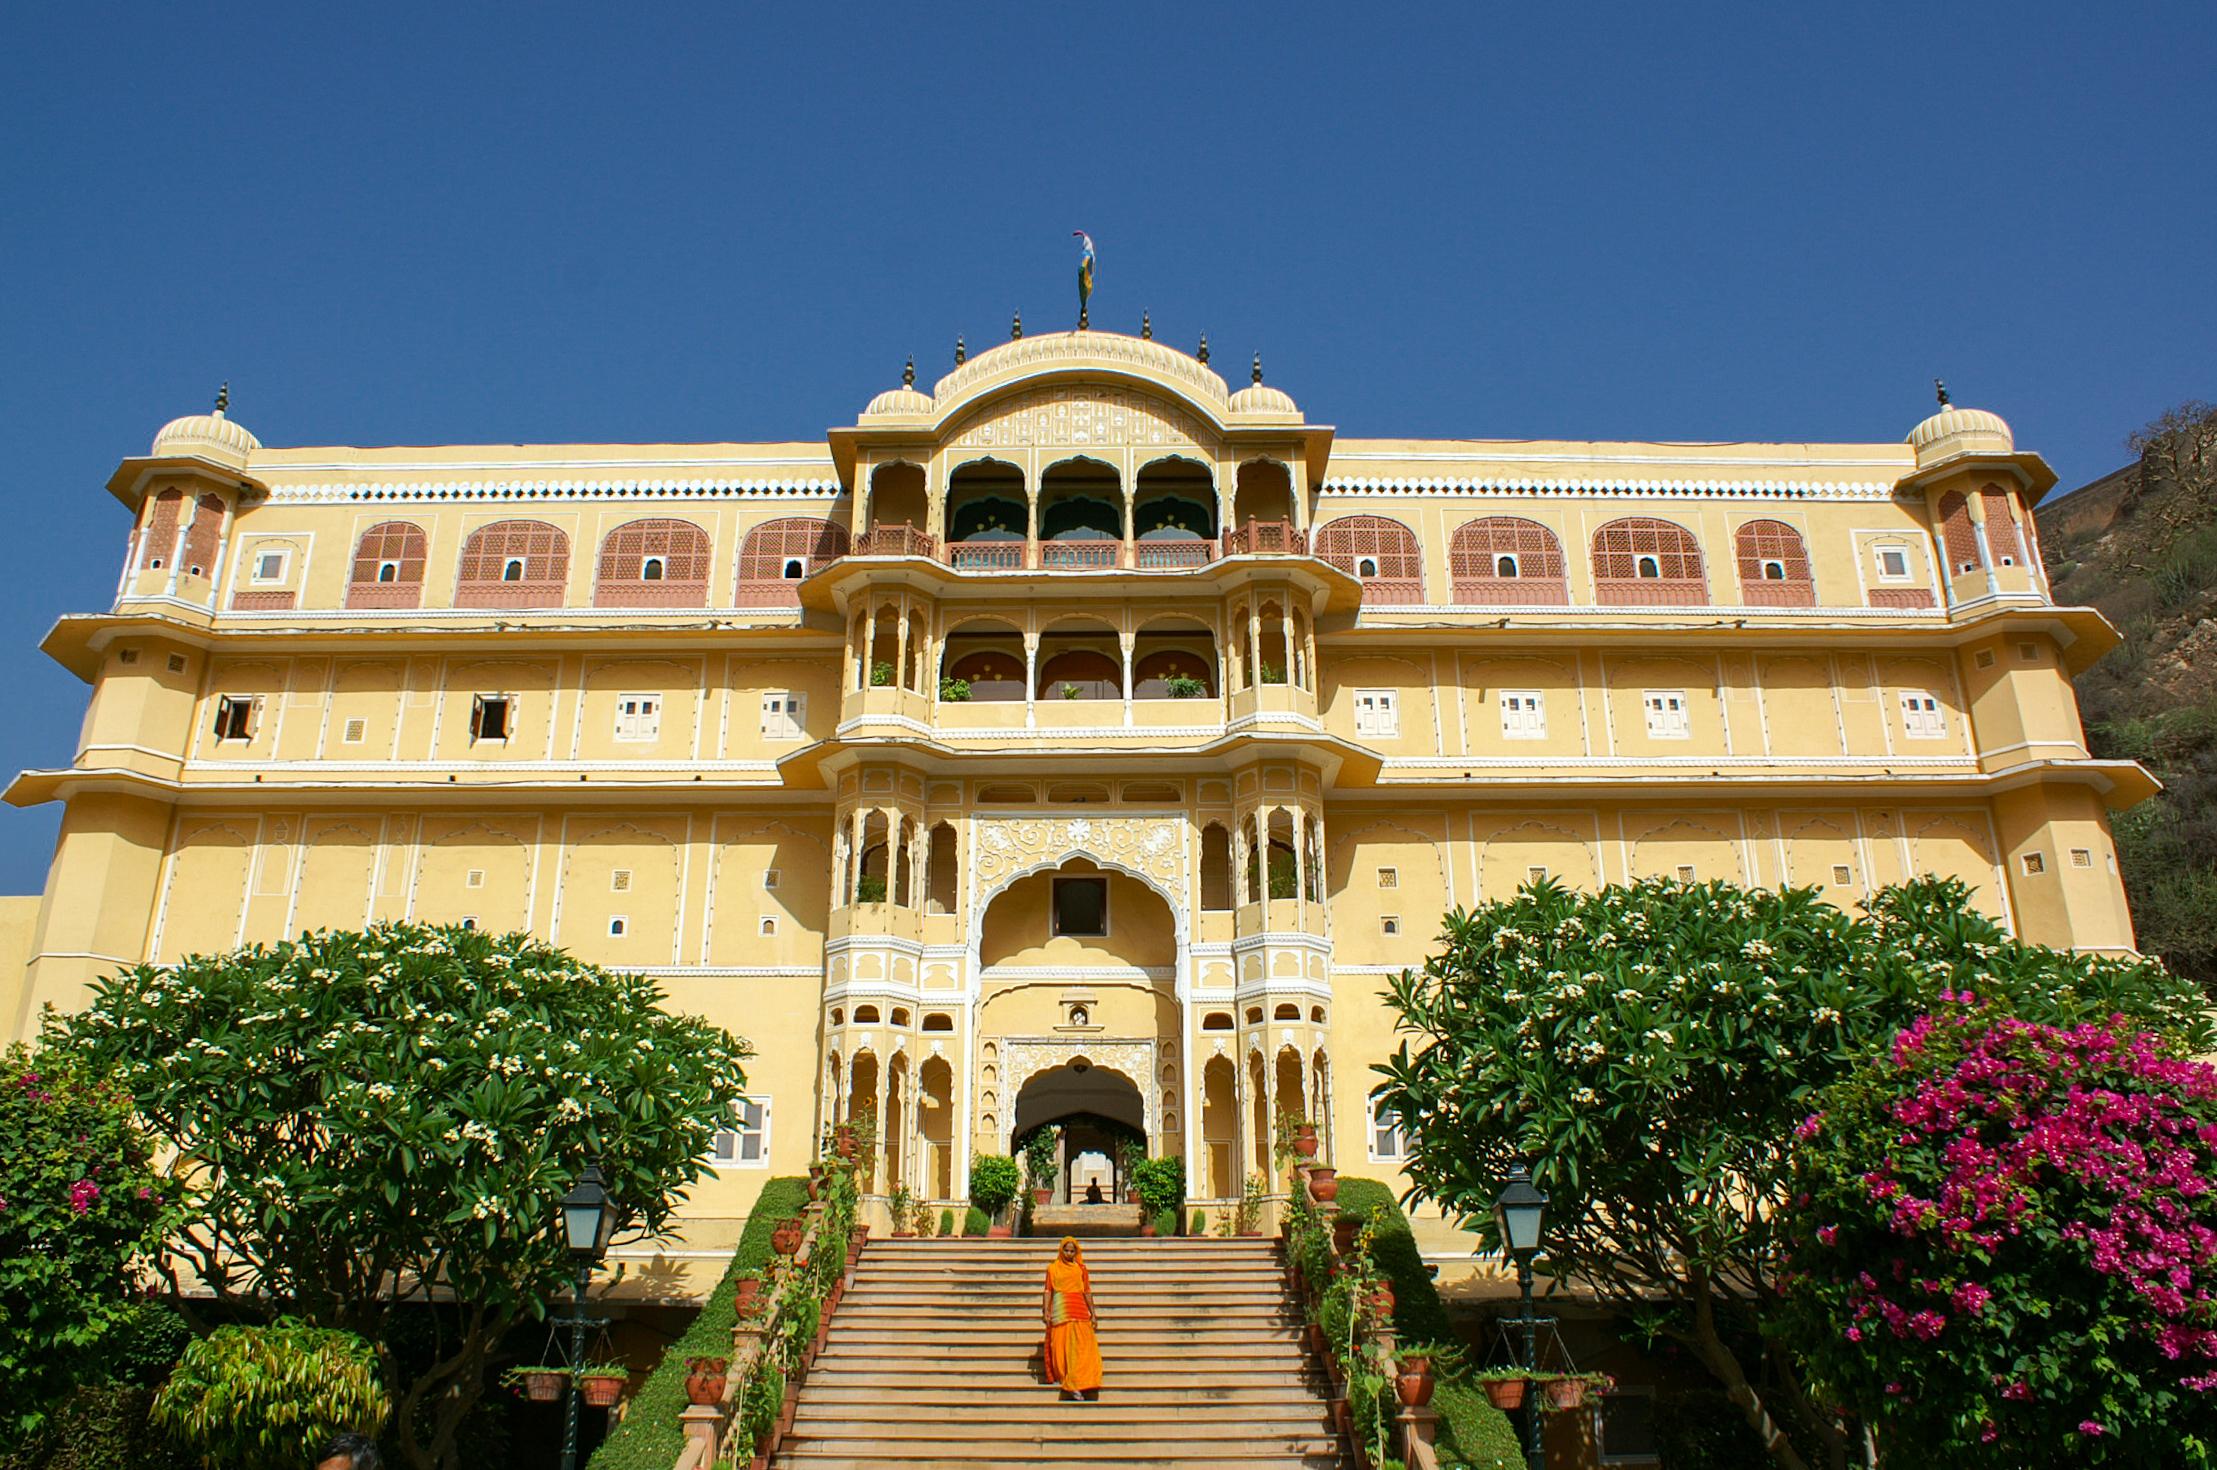 Rajasthan Palace Hotel Jaipur